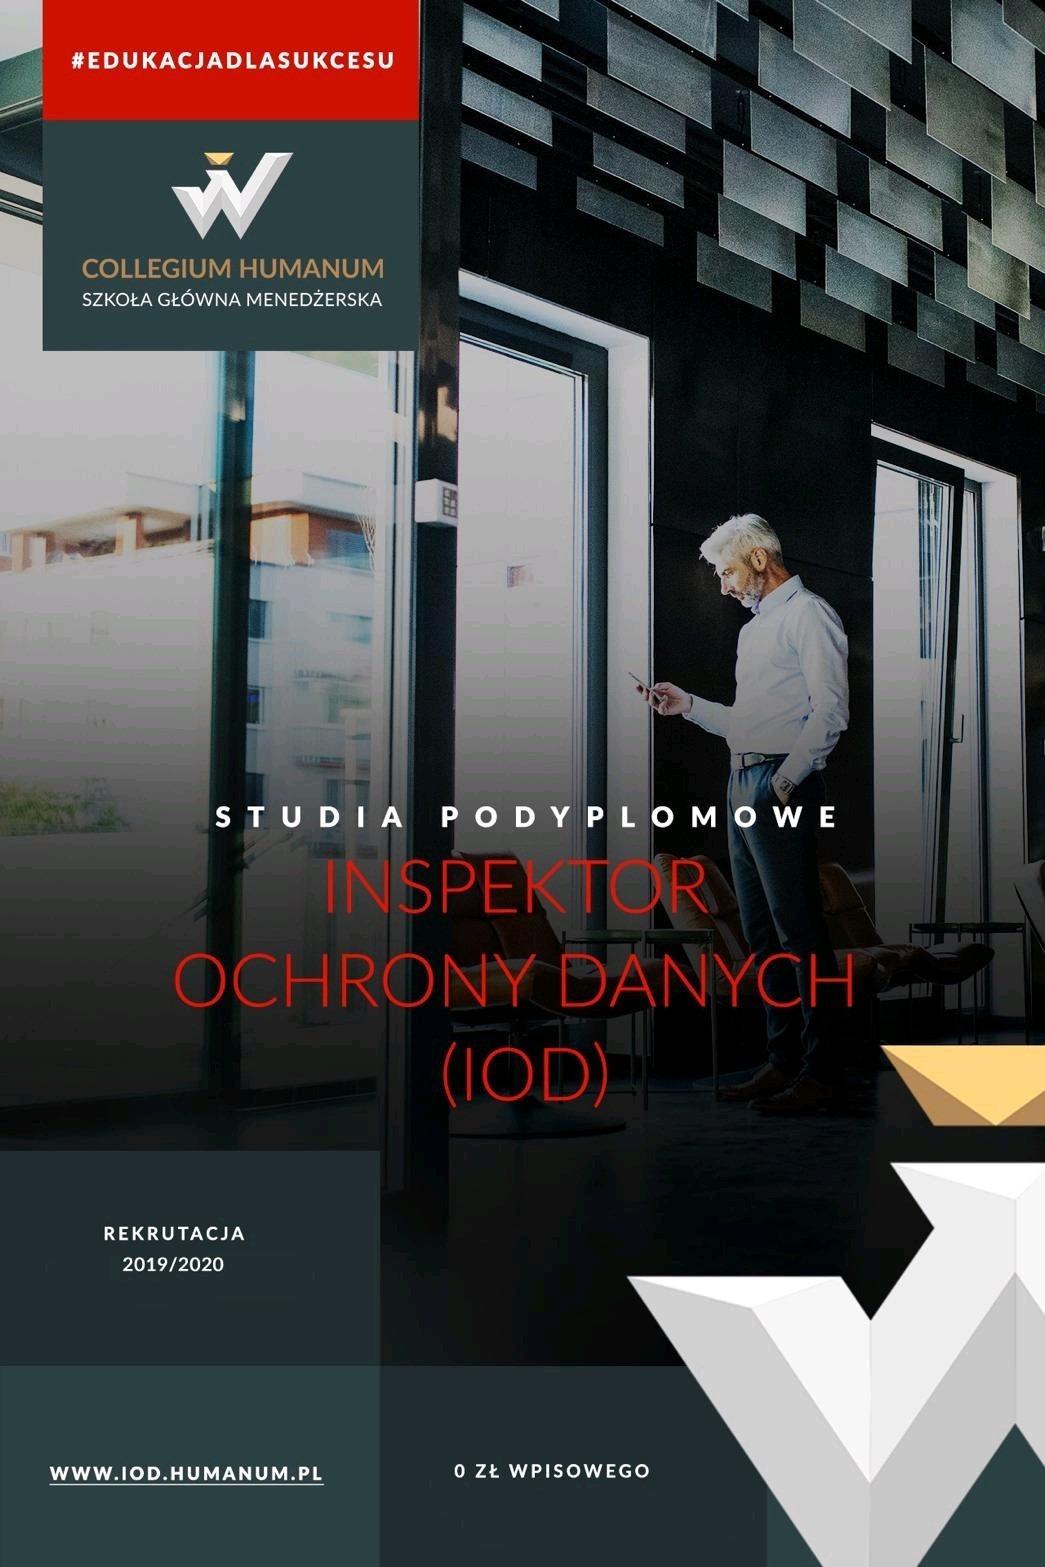 Studia podyplomowe Inspektor Ochrony Danych (IOD) Collegium Humanum Szkoła Główna Menedżerska